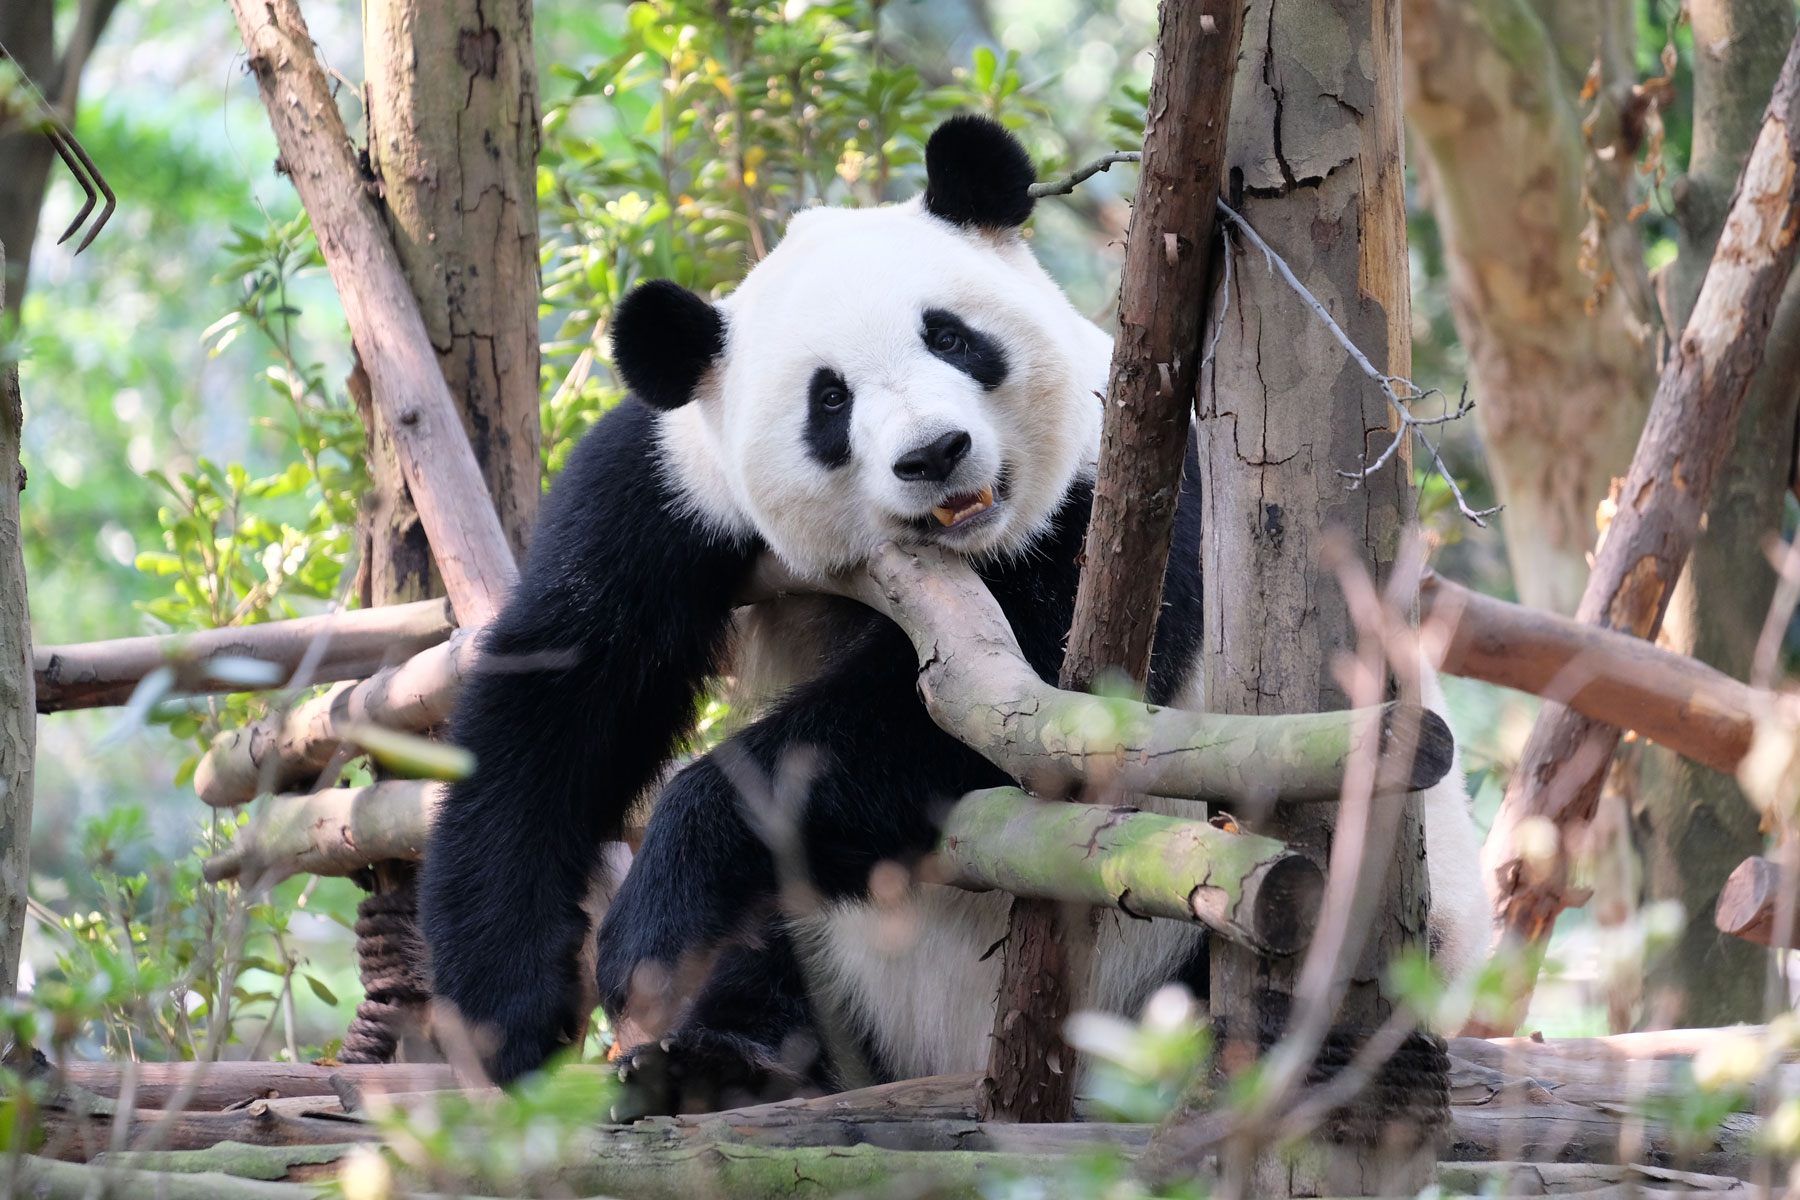 Chengdu ist für seine Riesenpandas bekannt und auch wir statten den süßen Tieren einen Besuch ab. In der Hitze des Nachmittags relaxen sie vor allem im Schatten.